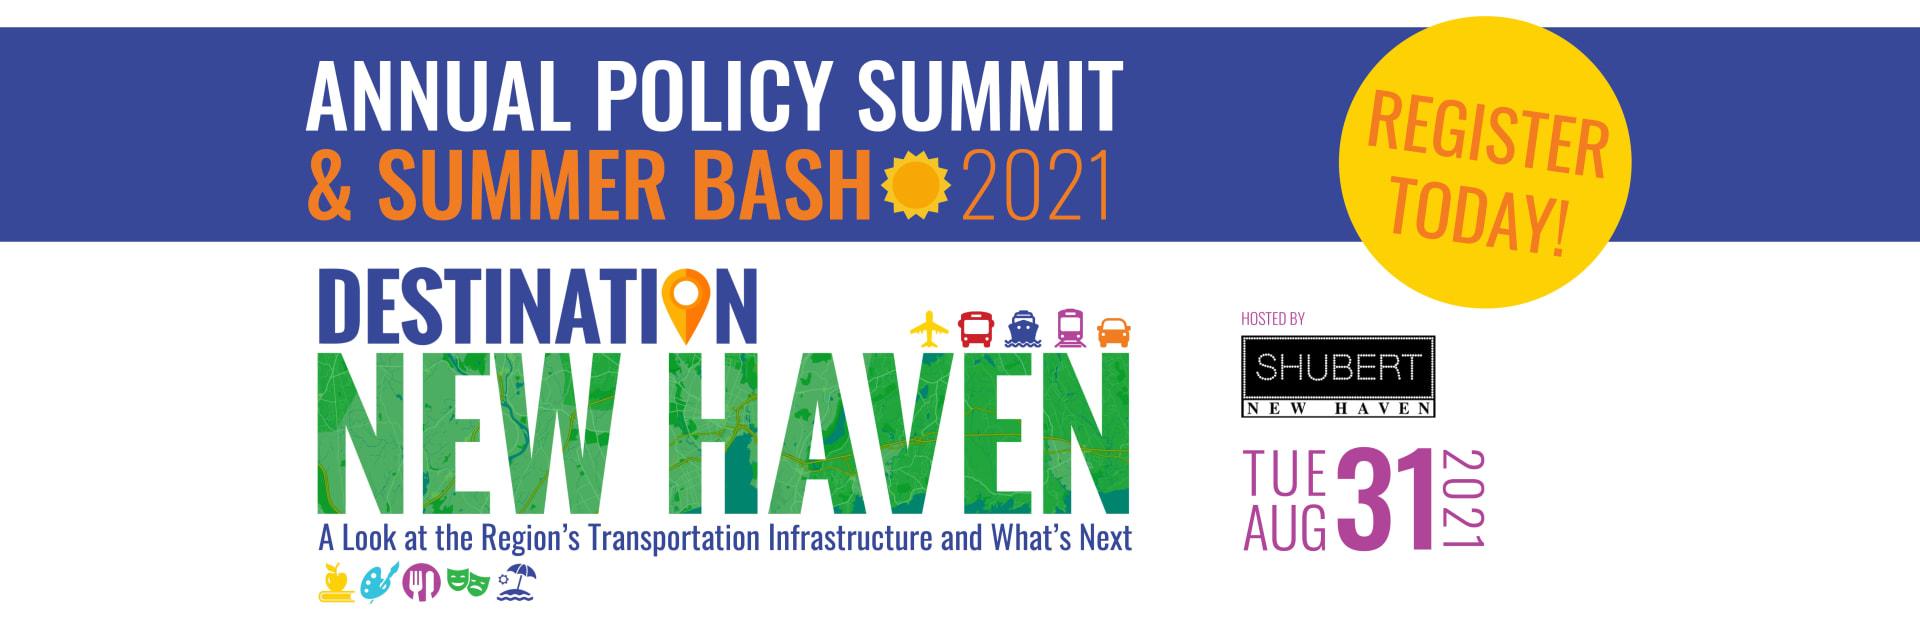 Policy-Summit_2021_Web-Silder-w1920.jpg